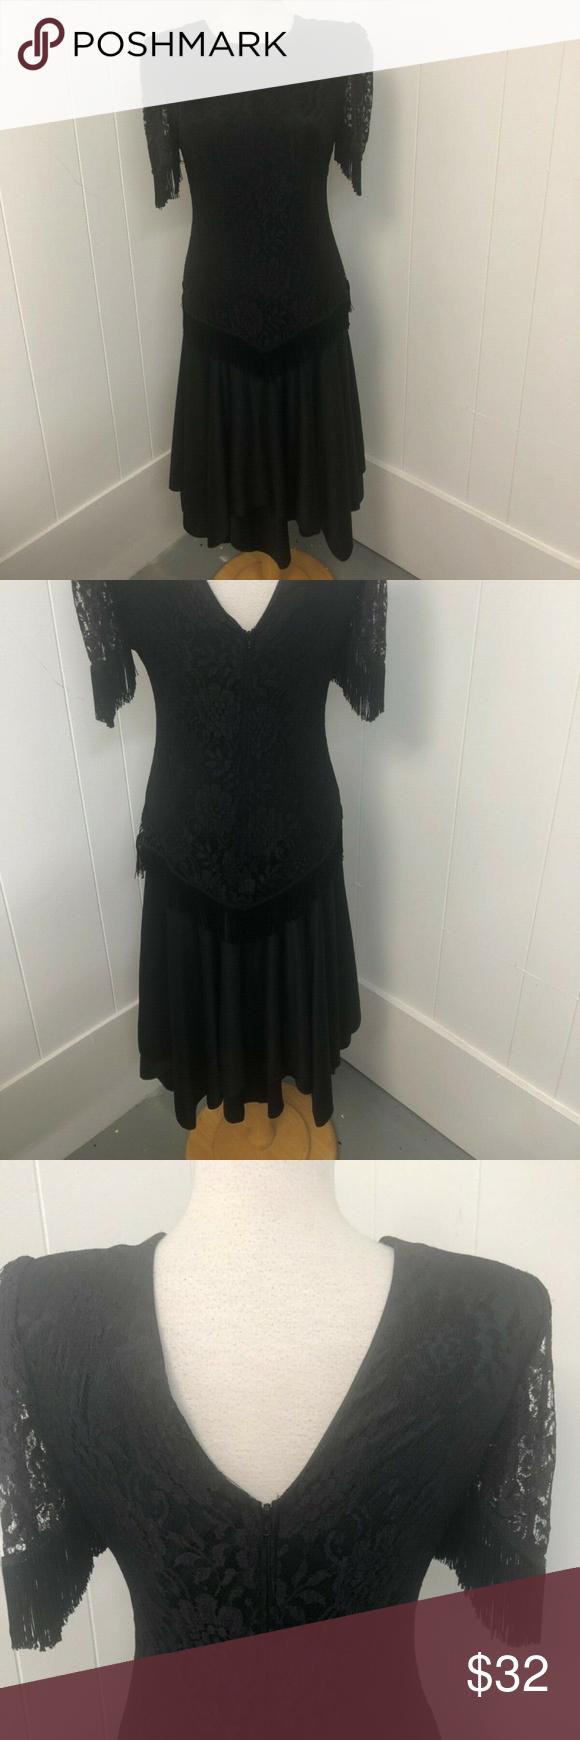 David Rose Vintage Black Lace Dress Women S Sz 8 Vintage Black Lace Dress Womens Dresses Black Lace Dress [ 1740 x 580 Pixel ]